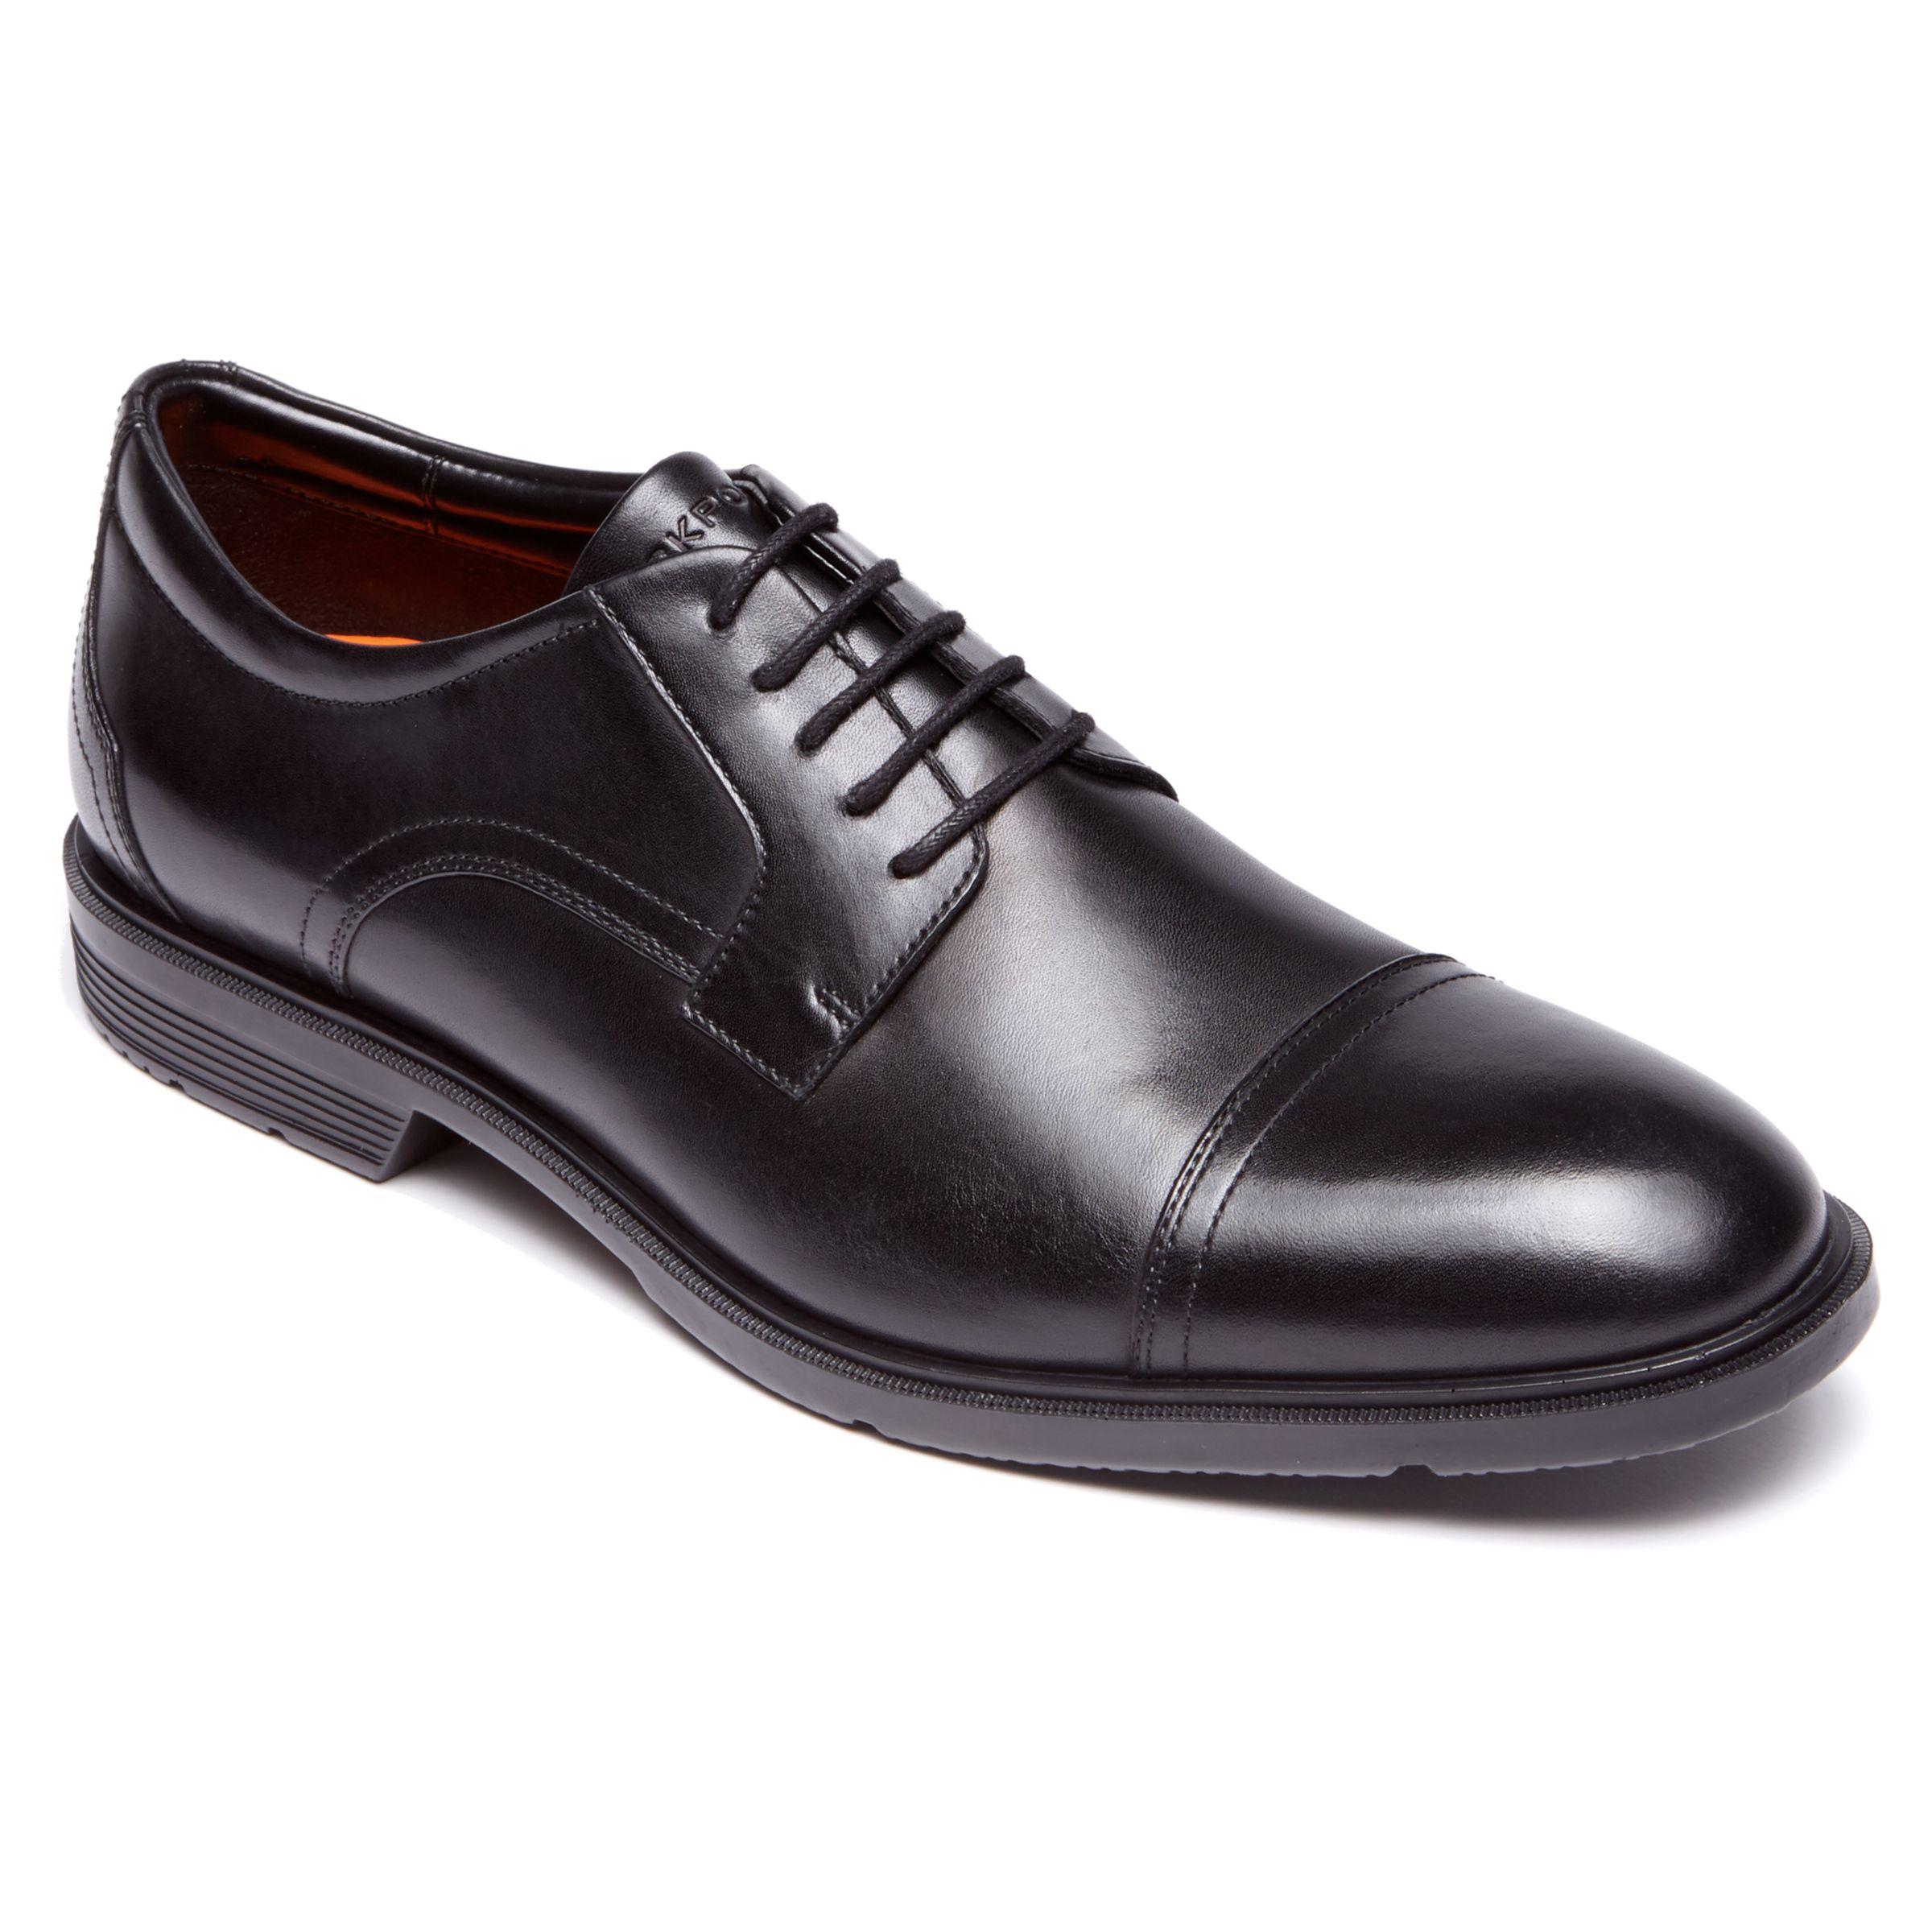 Rockport Rockport City Smart Toe Cap Derby Shoes, Black